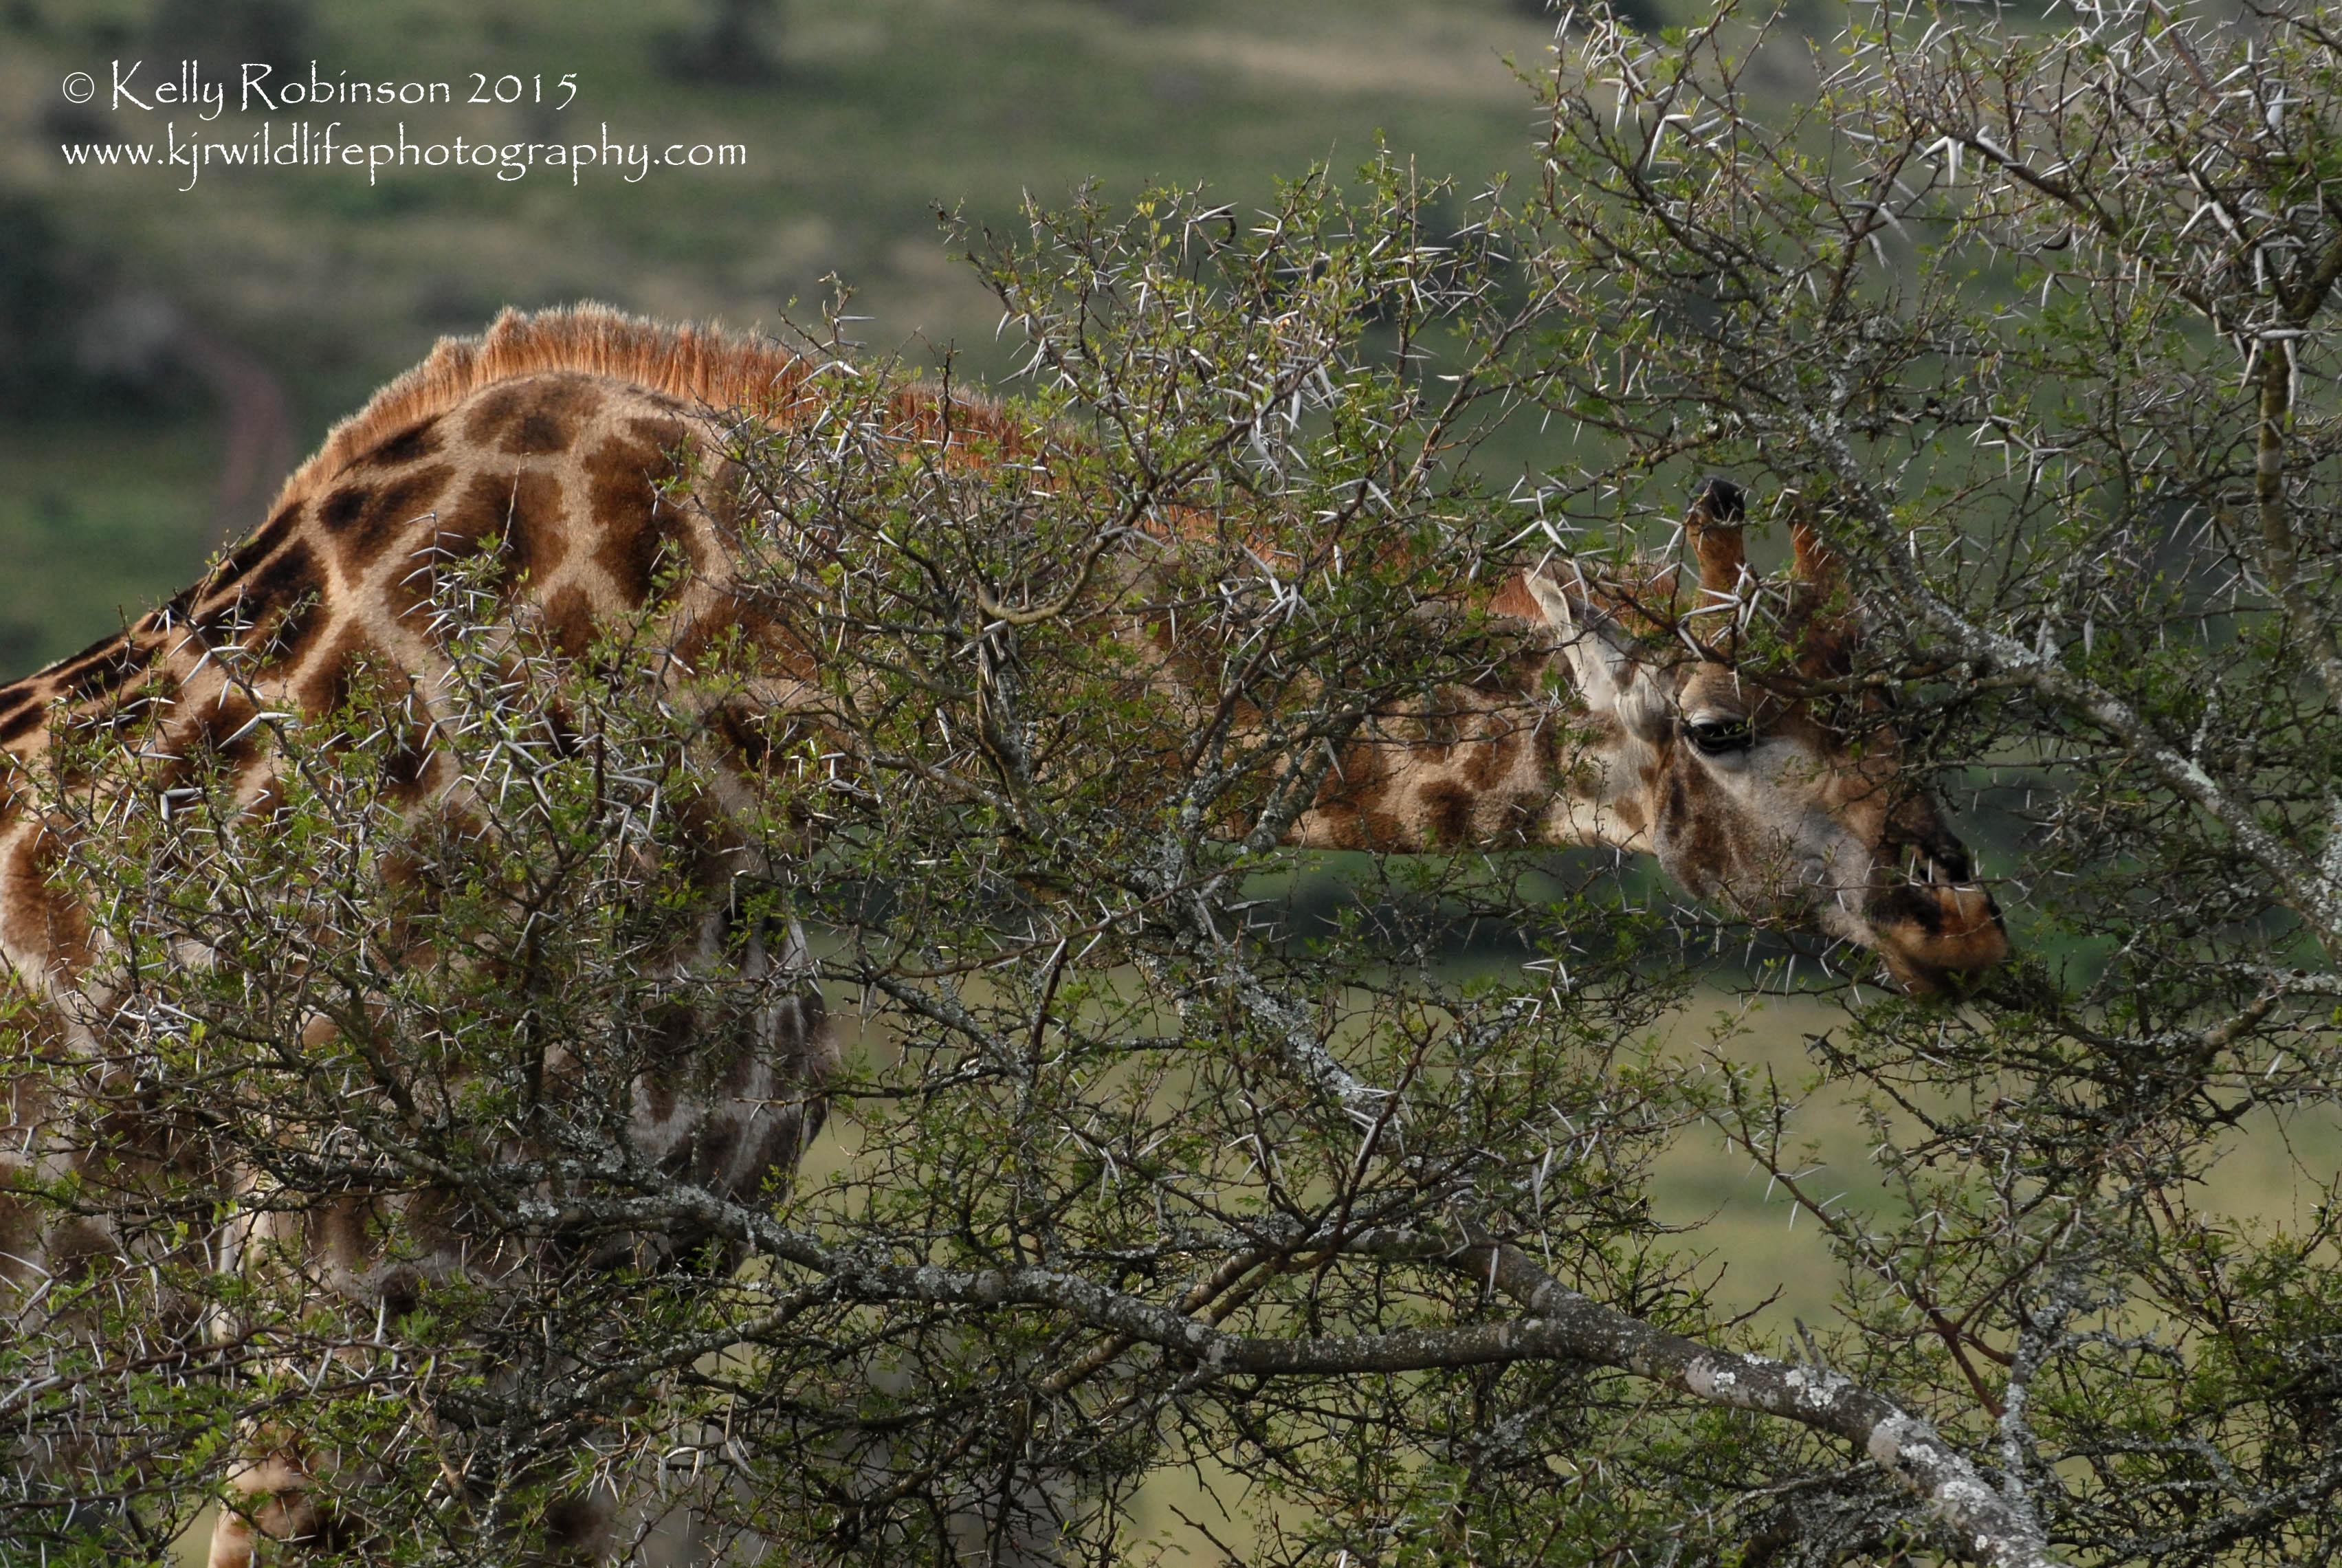 Southern Giraffe eating acacia